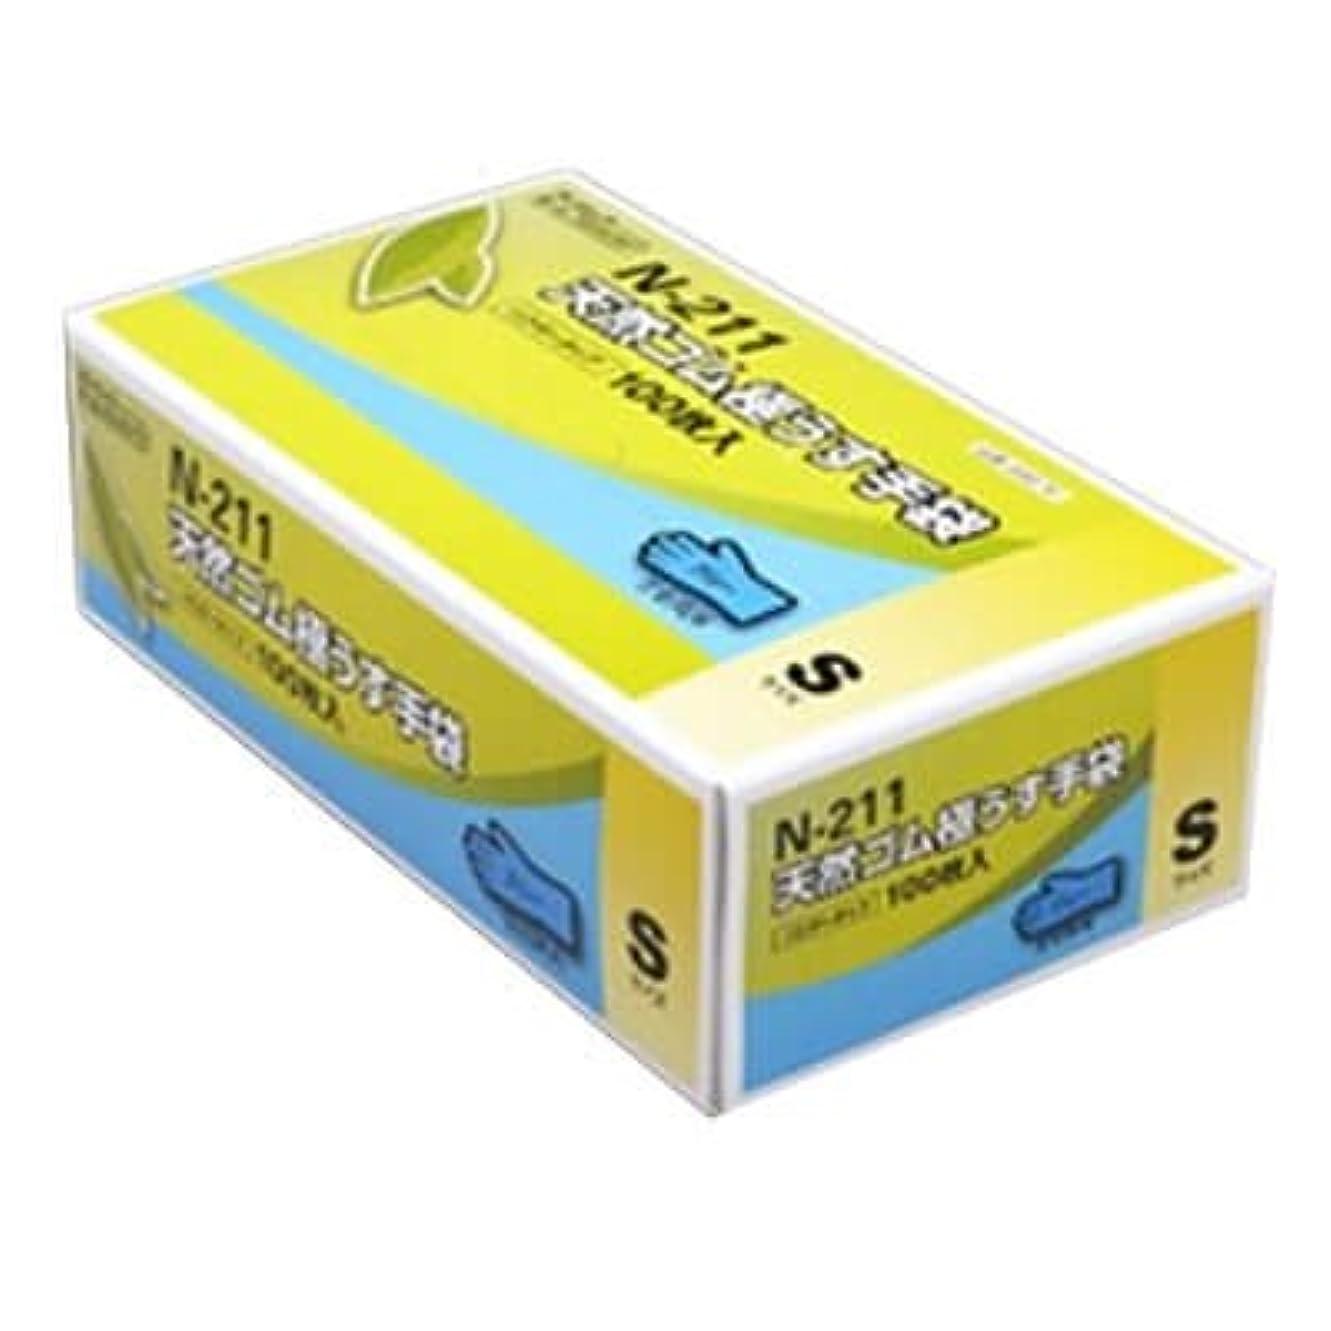 礼儀出会いマスク【ケース販売】 ダンロップ 天然ゴム極うす手袋 N-211 S ブルー (100枚入×20箱)